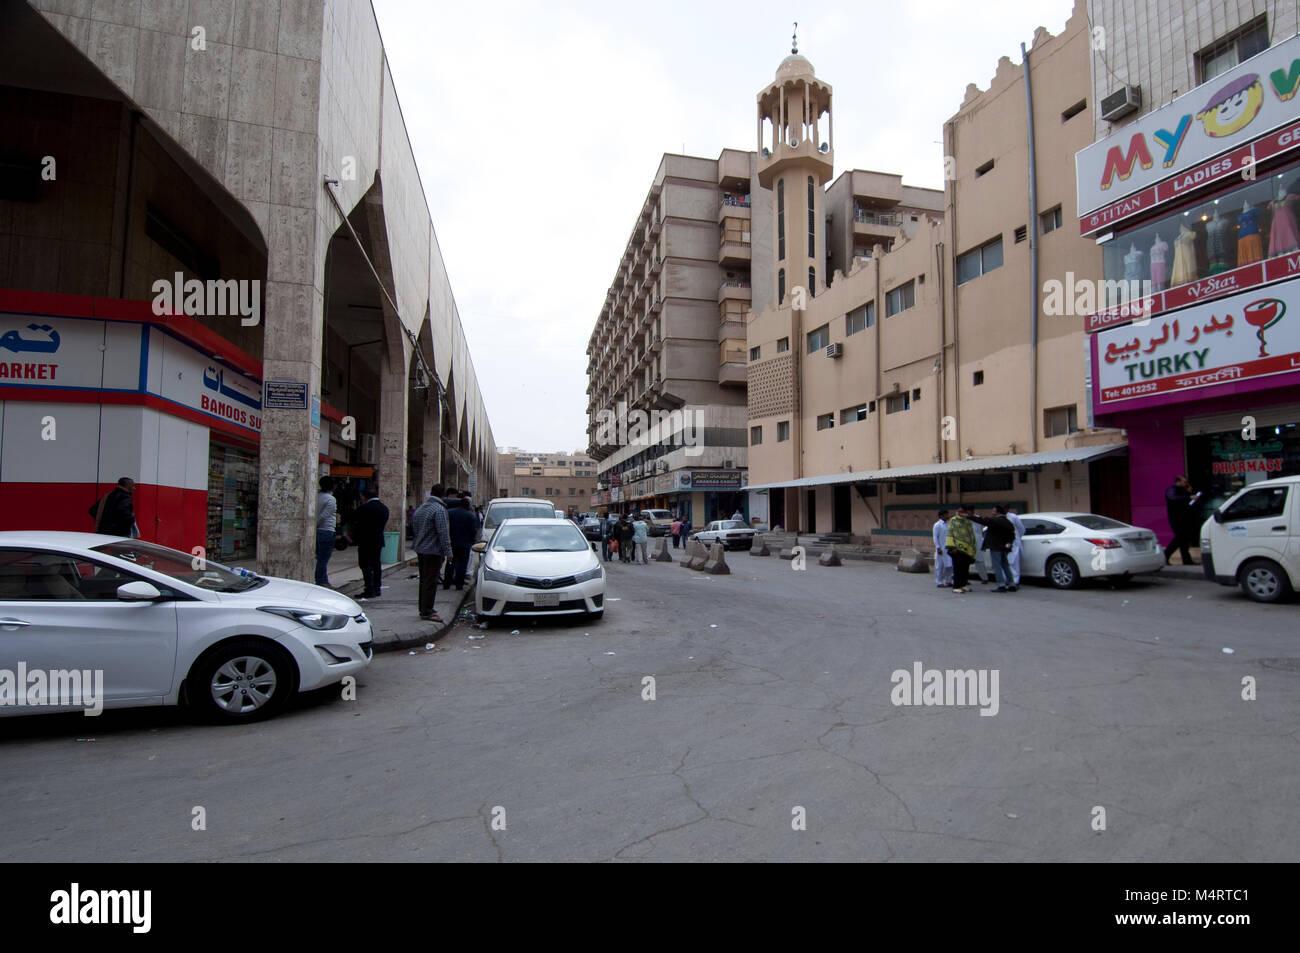 """Negozi e acquirenti nei vecchi """"Batha',Riyadh City Arabia Saudita, 01.12.2016 Immagini Stock"""